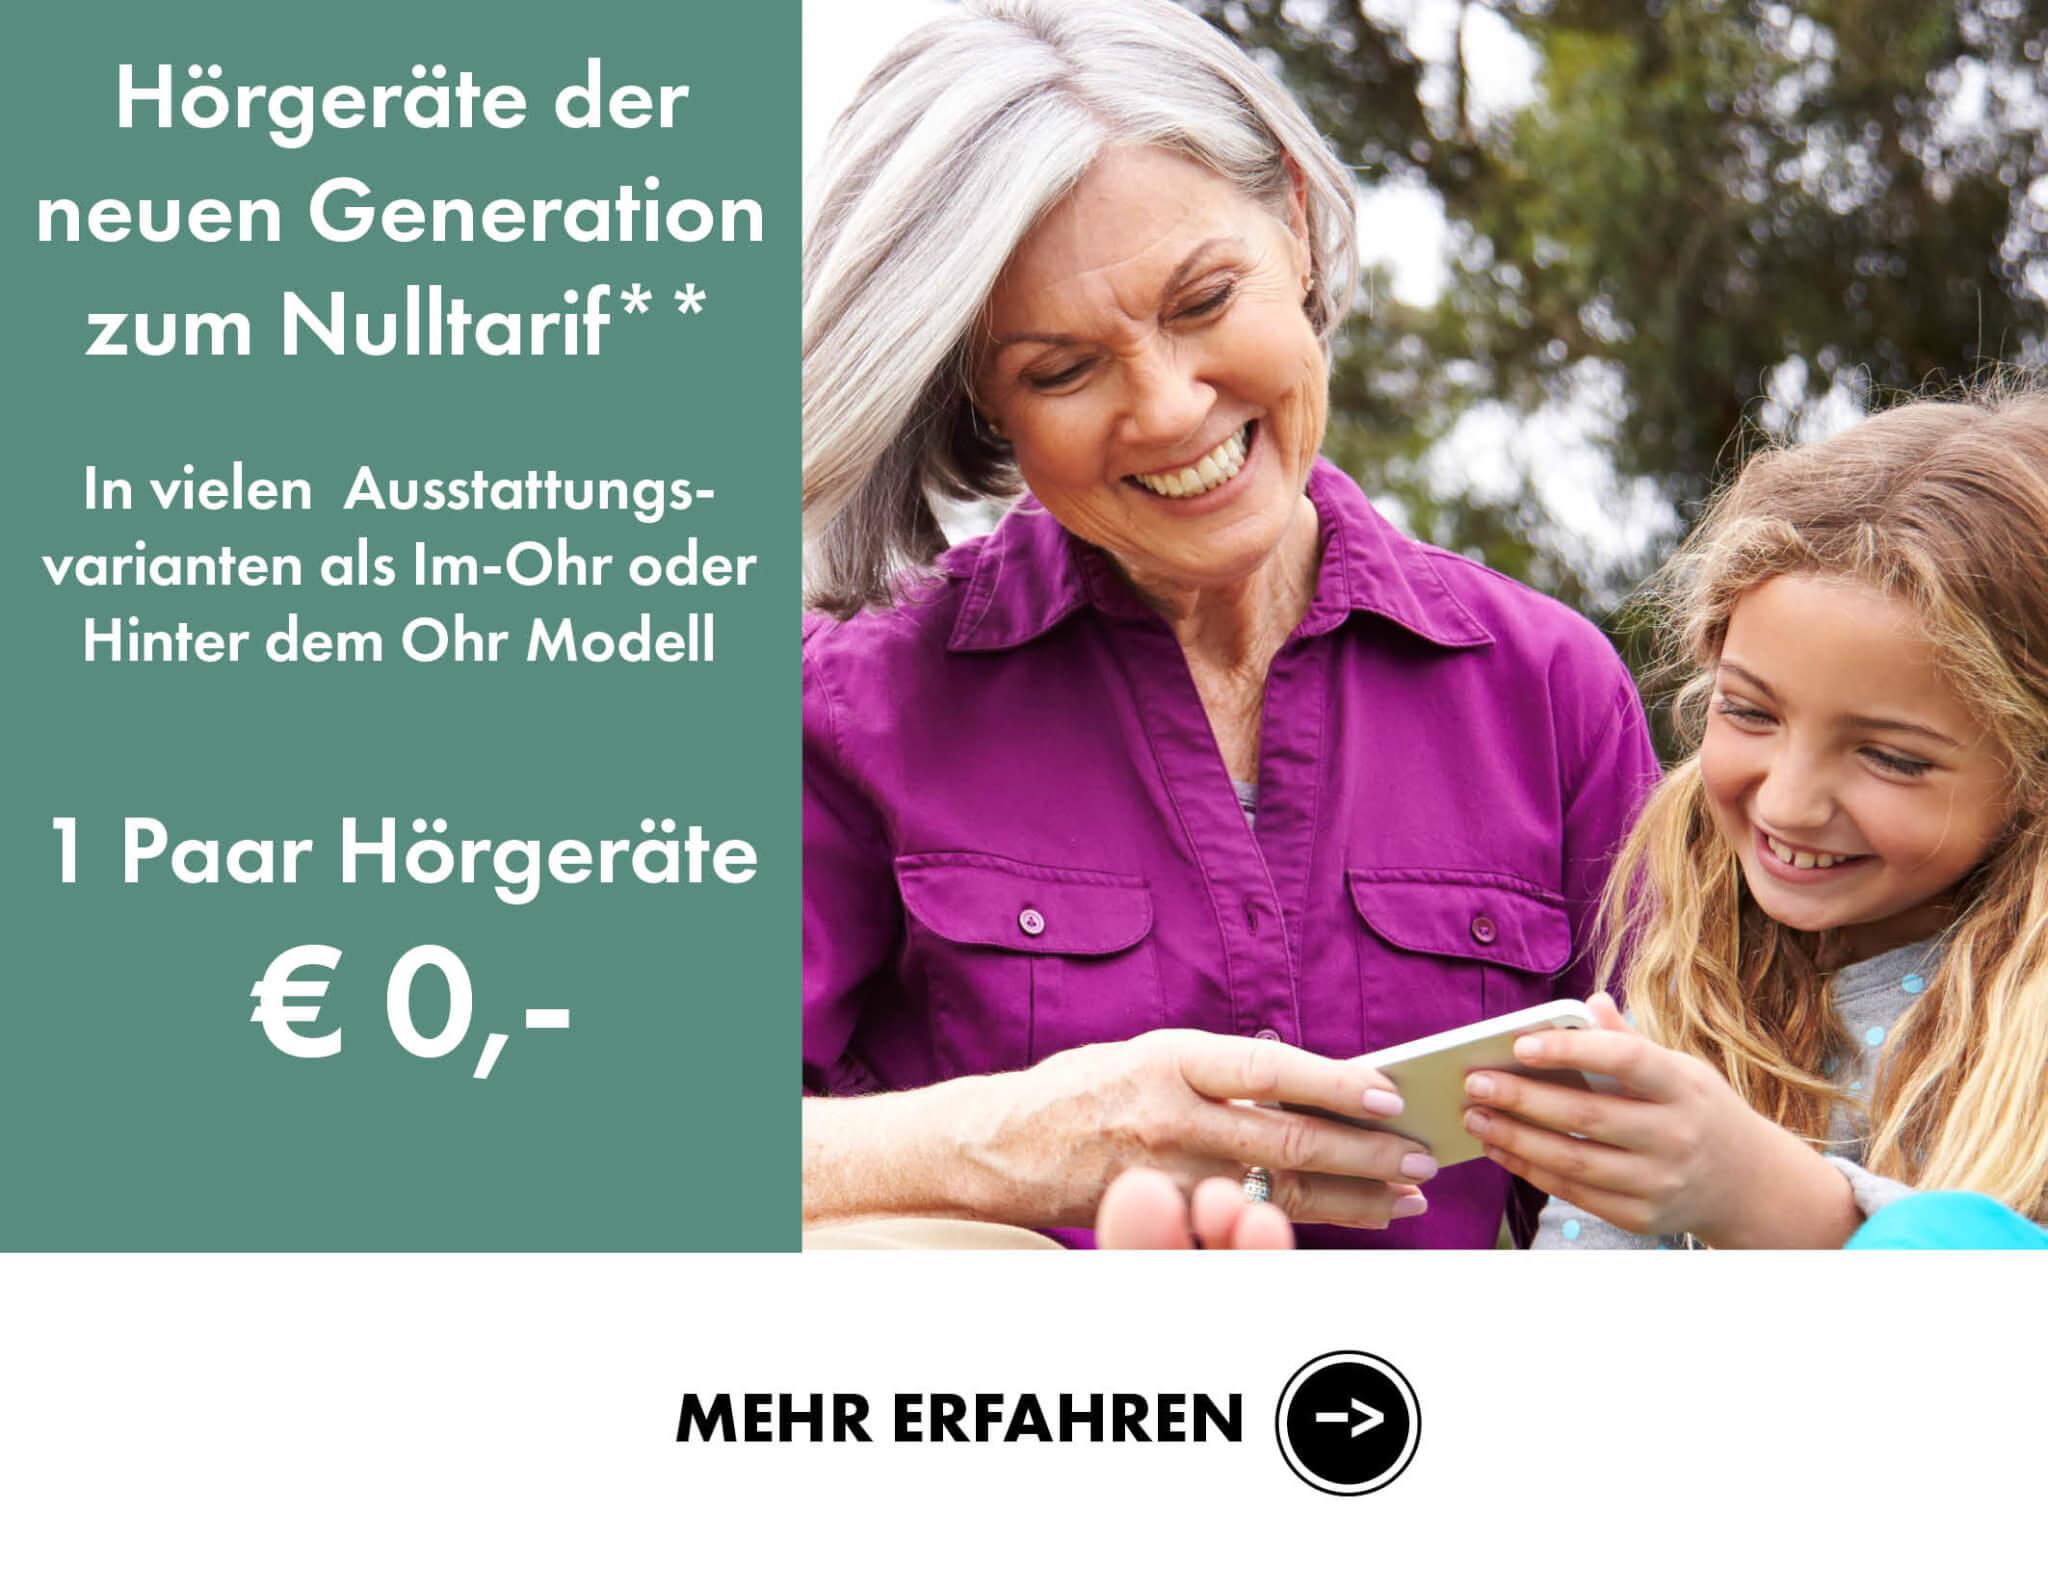 Kuntz Sehen & Hören, Augenoptik, Hörakustik, Hörgeräte